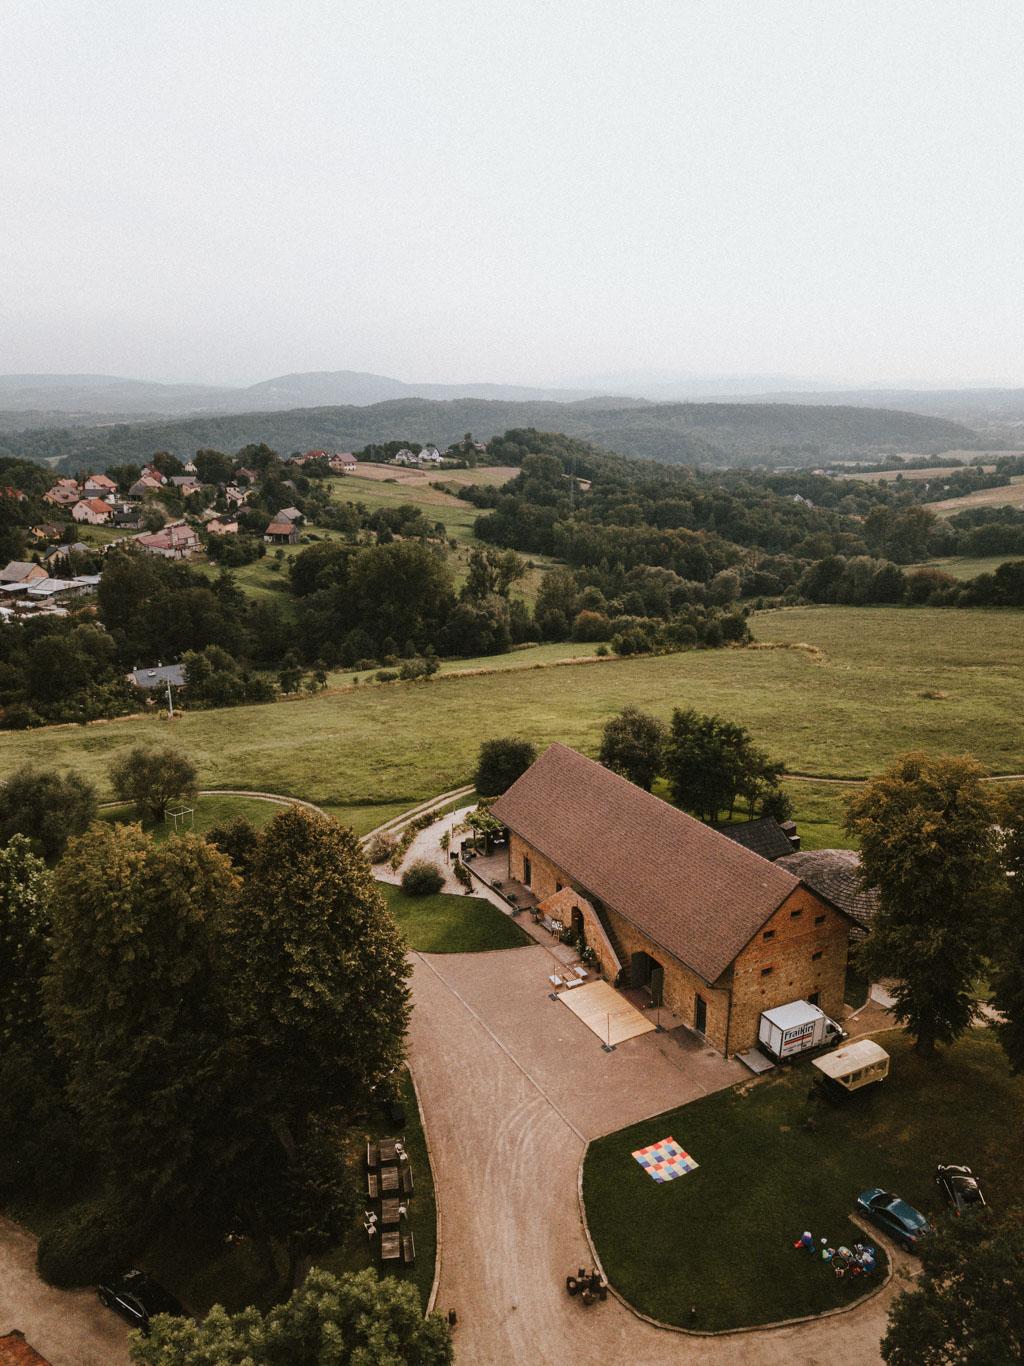 Ślub w Dolinie Cedronu gospoda z Drona Kraków Leńcze pytlikbak